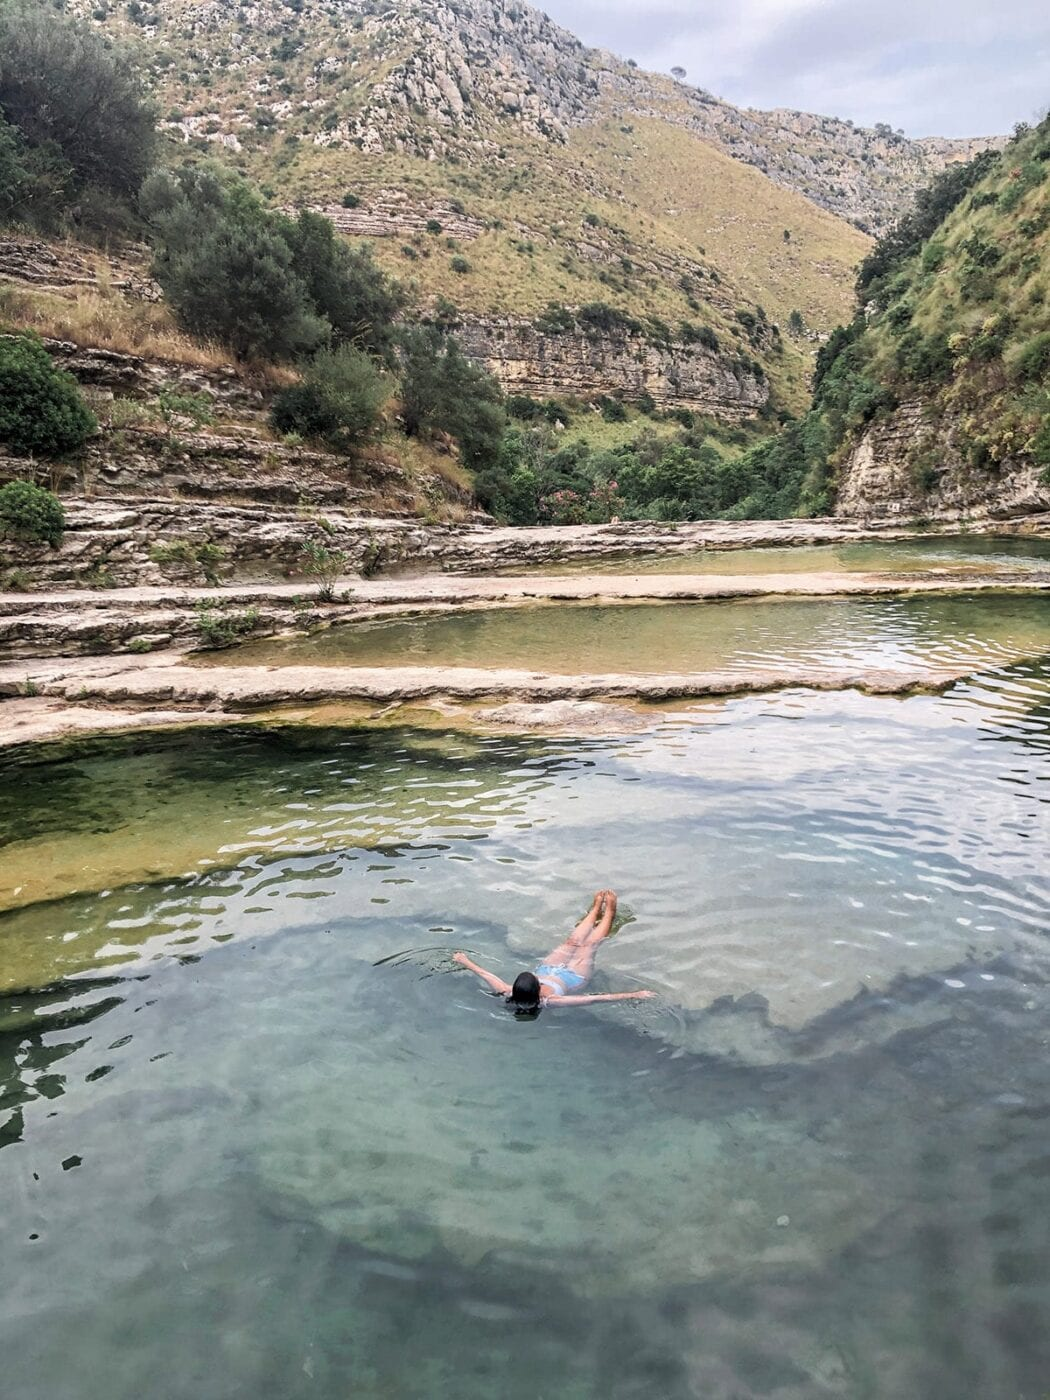 Laghetti di Cavagrande, a trilha que você precisa fazer em Avola, na Sicília.